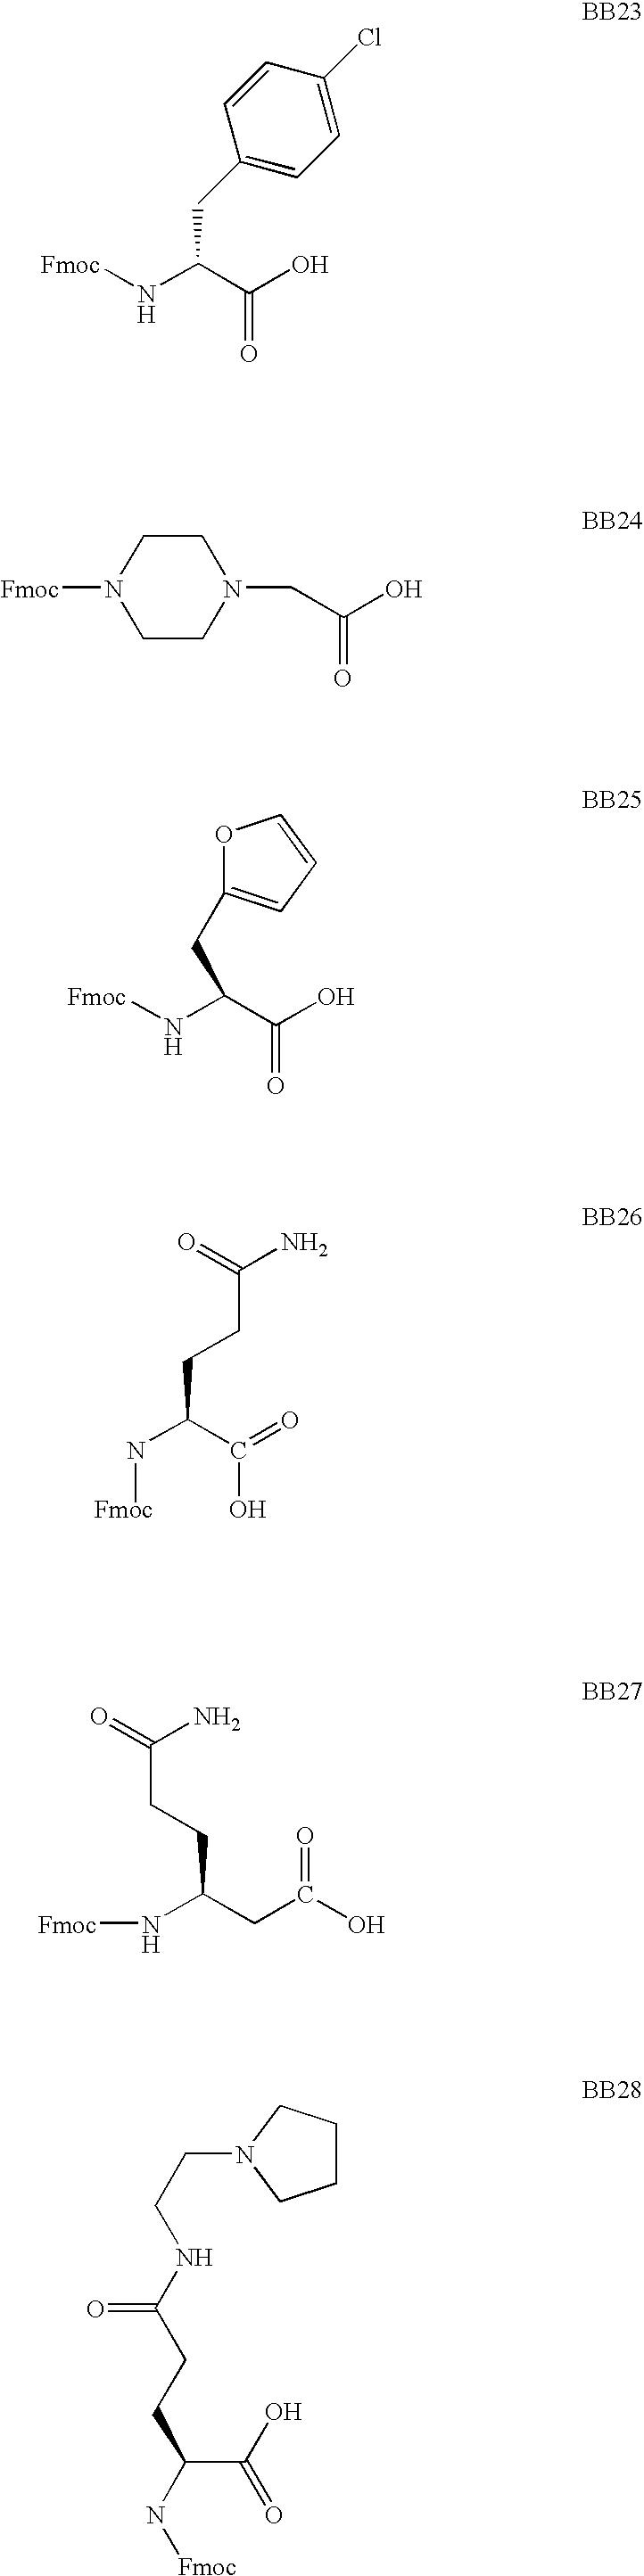 Figure US07972994-20110705-C00118